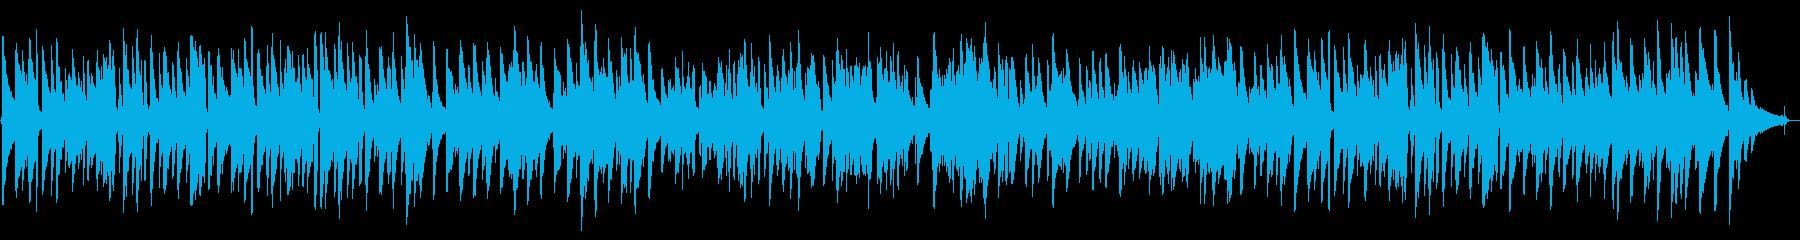 ゆったりした3拍子のジャズトリオの再生済みの波形